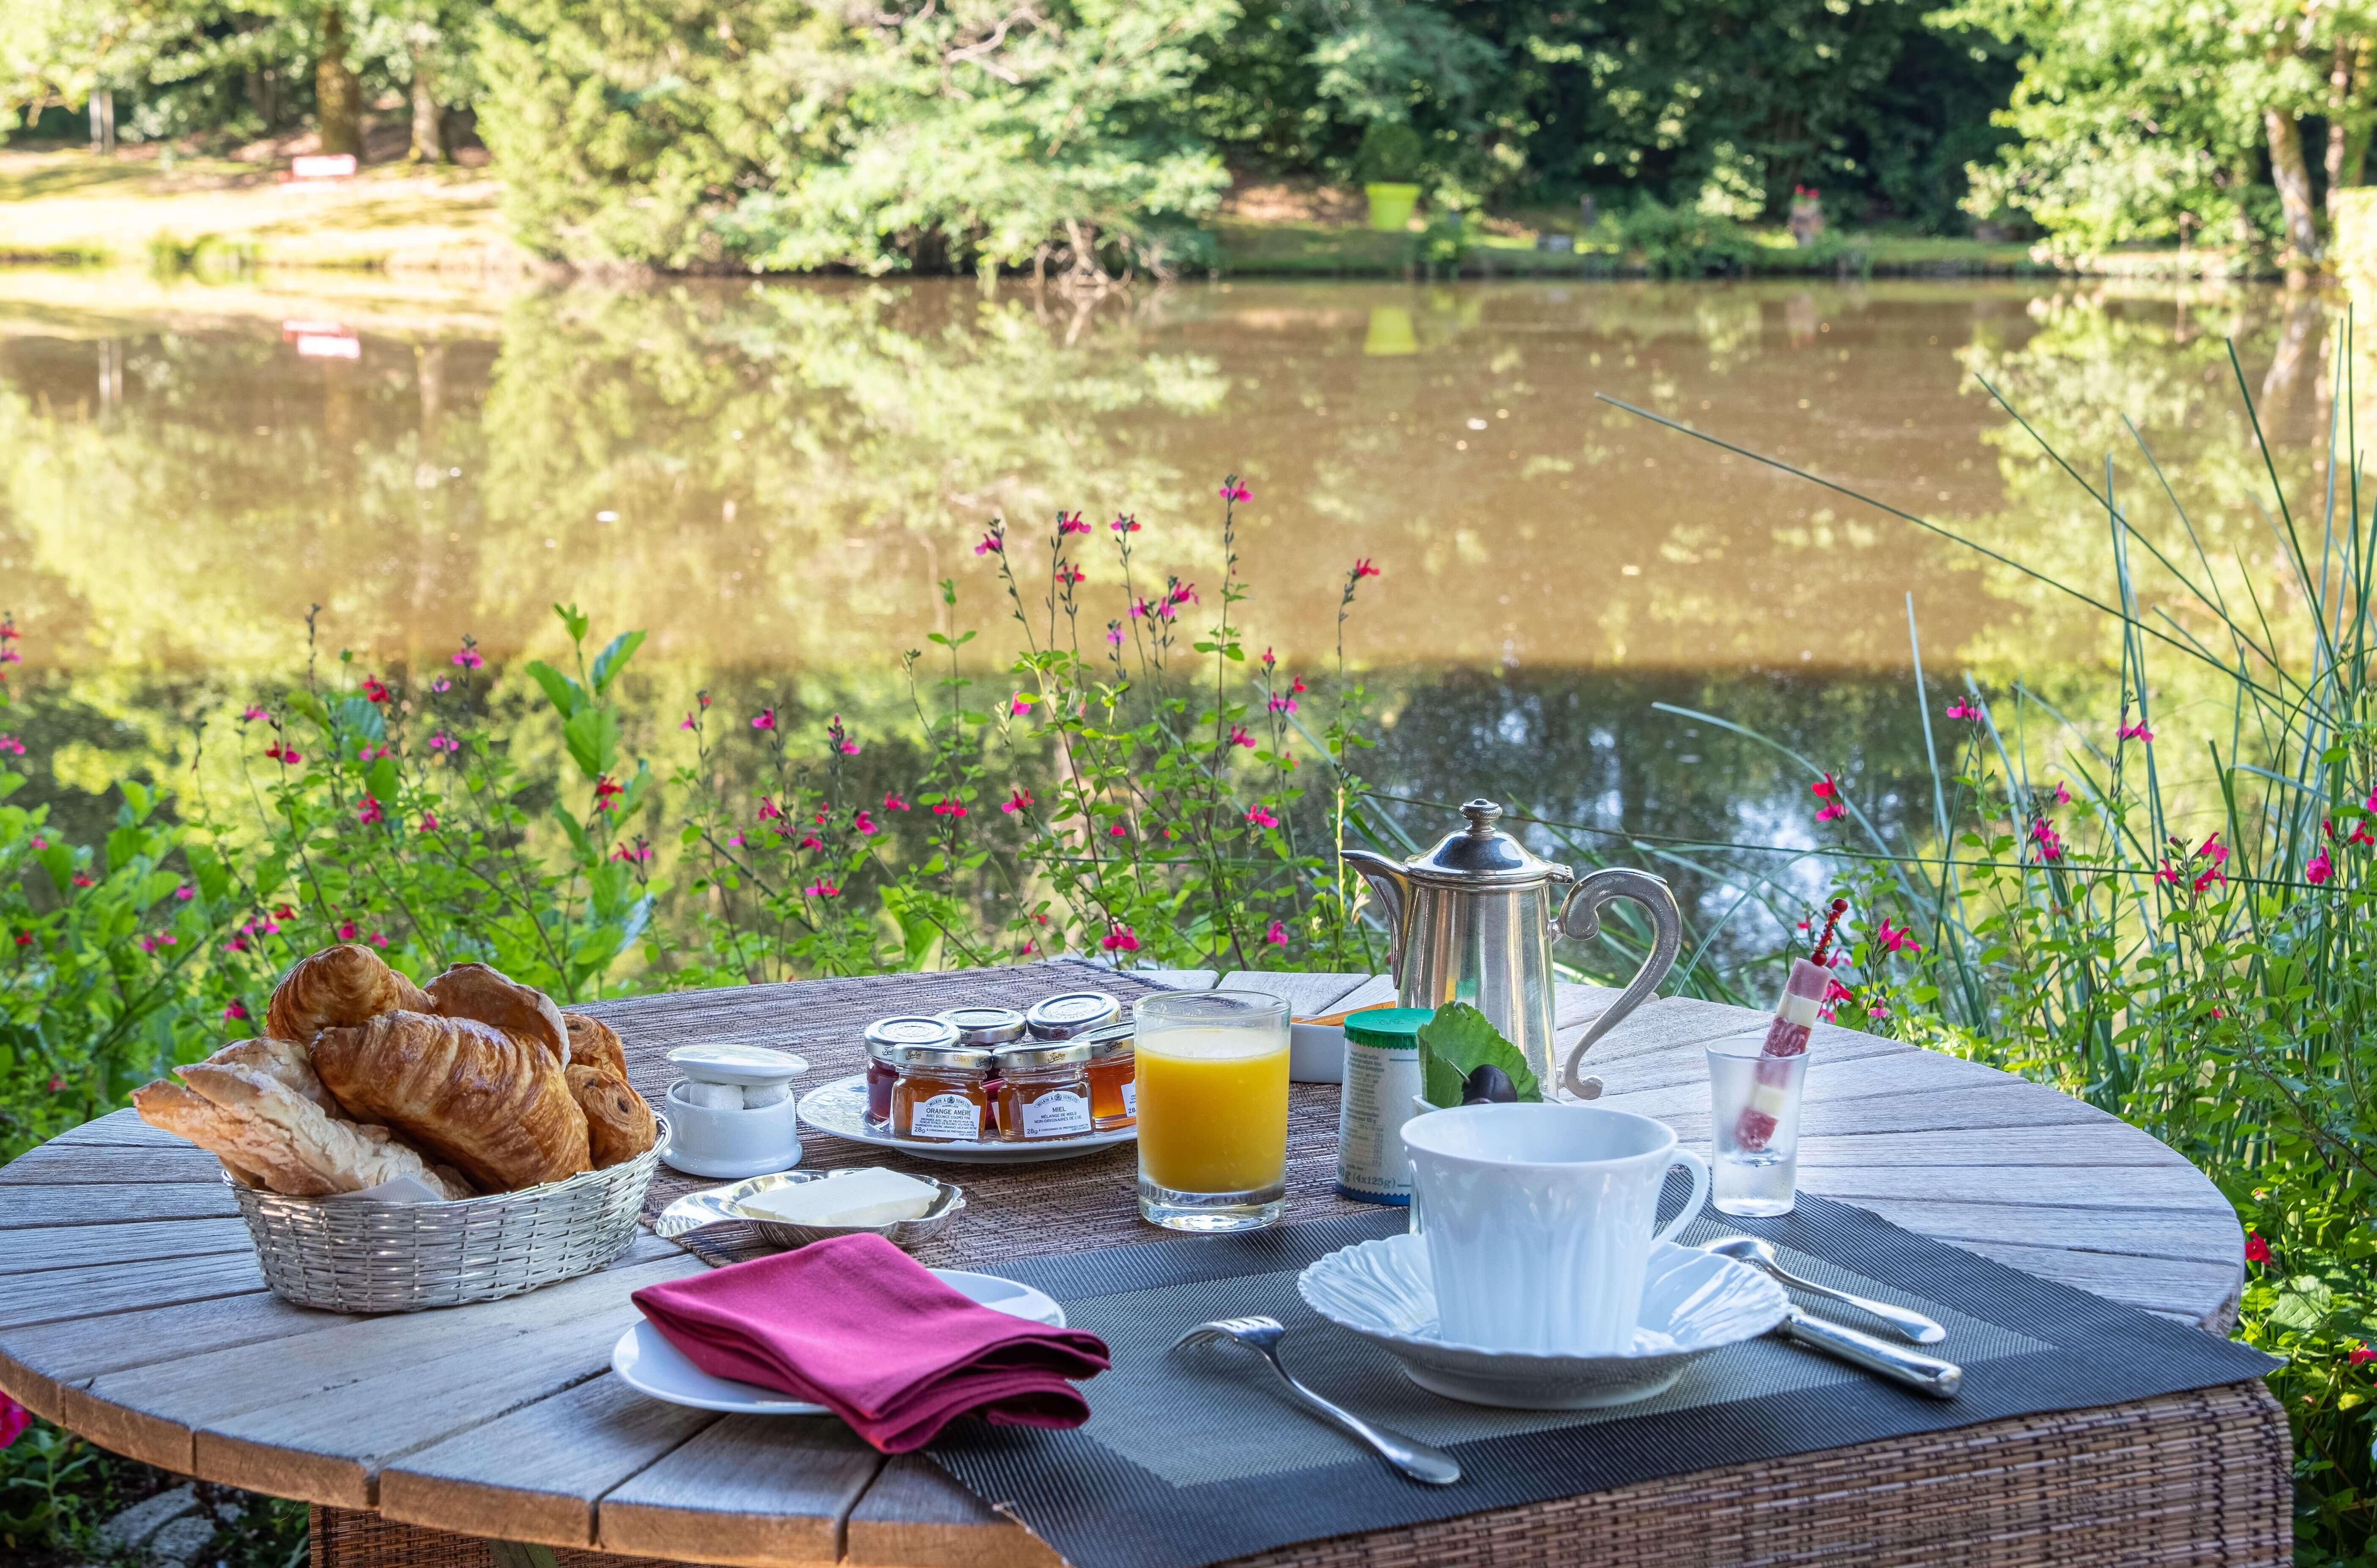 Breakfast at the Moulin de la Gorce